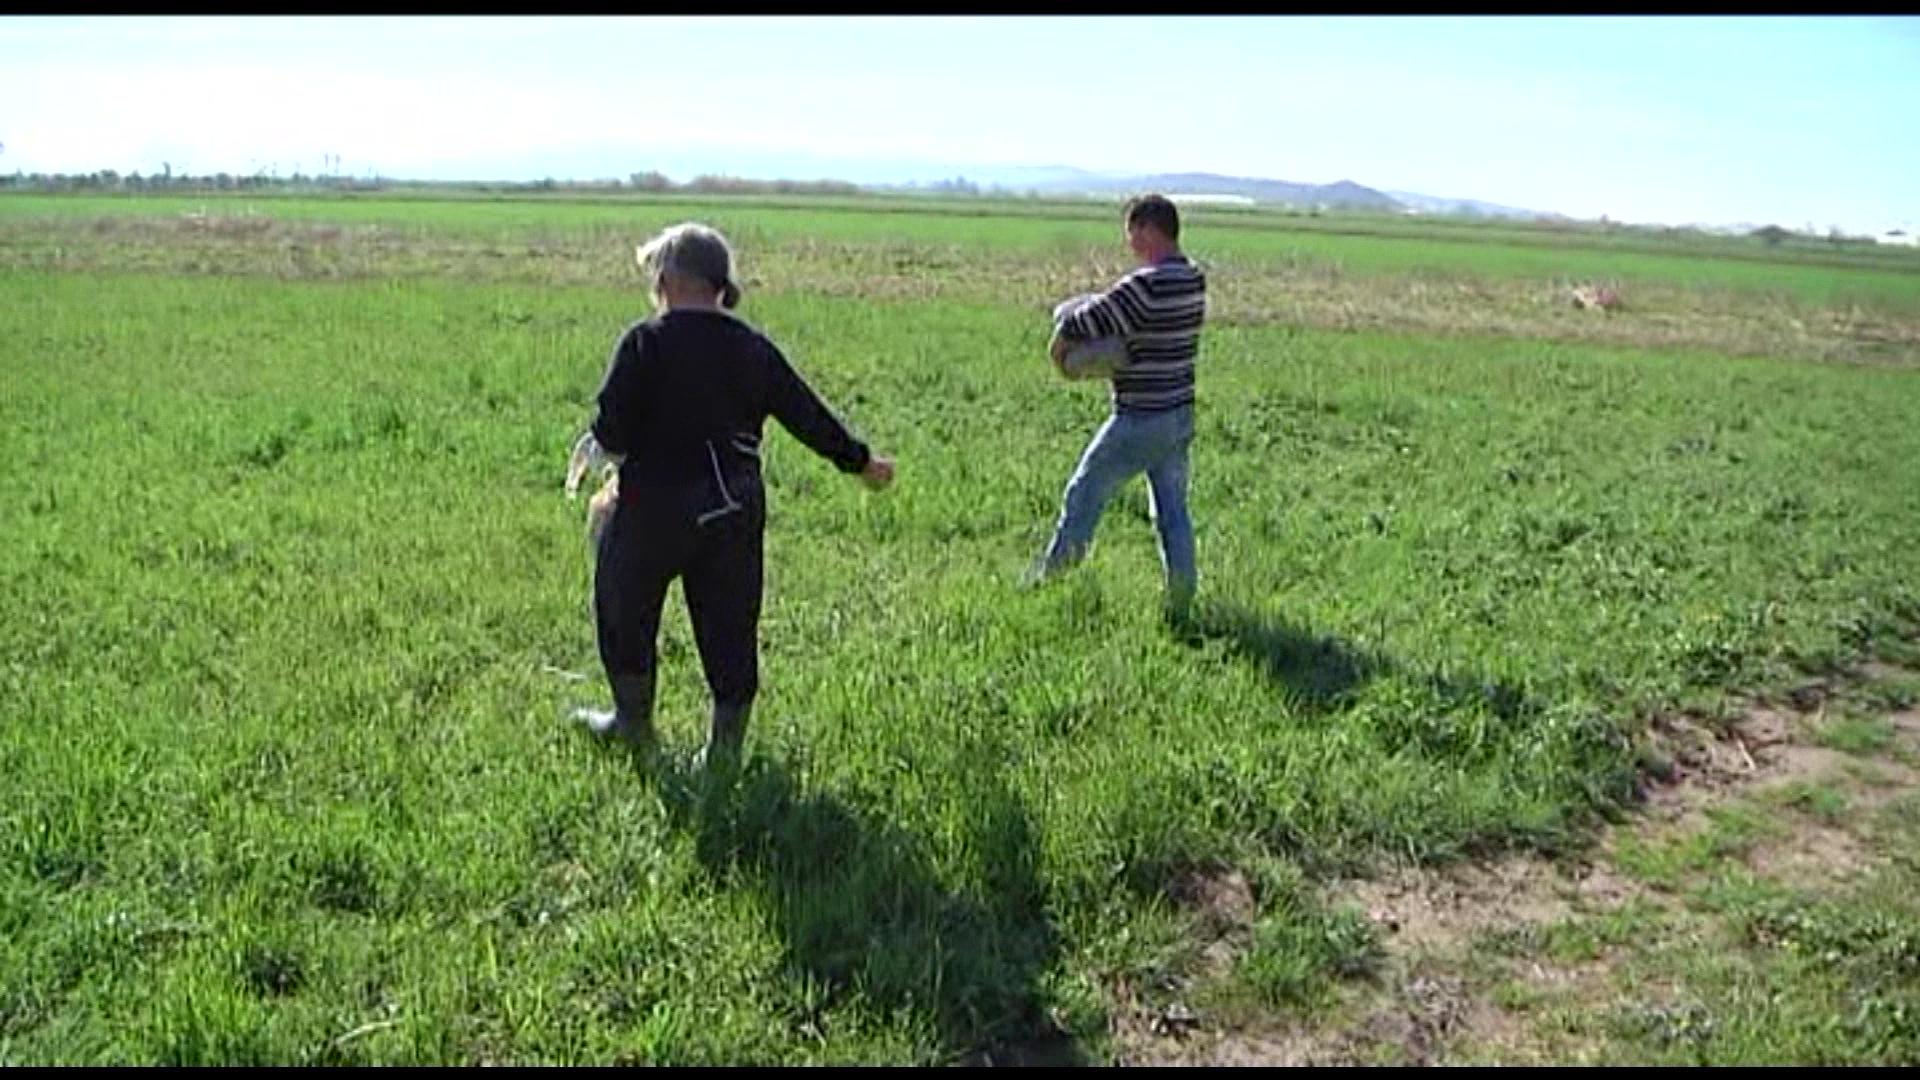 Lushnjë, fermerët s'kanë informacion se si mund të marrin mbështetje nga shteti